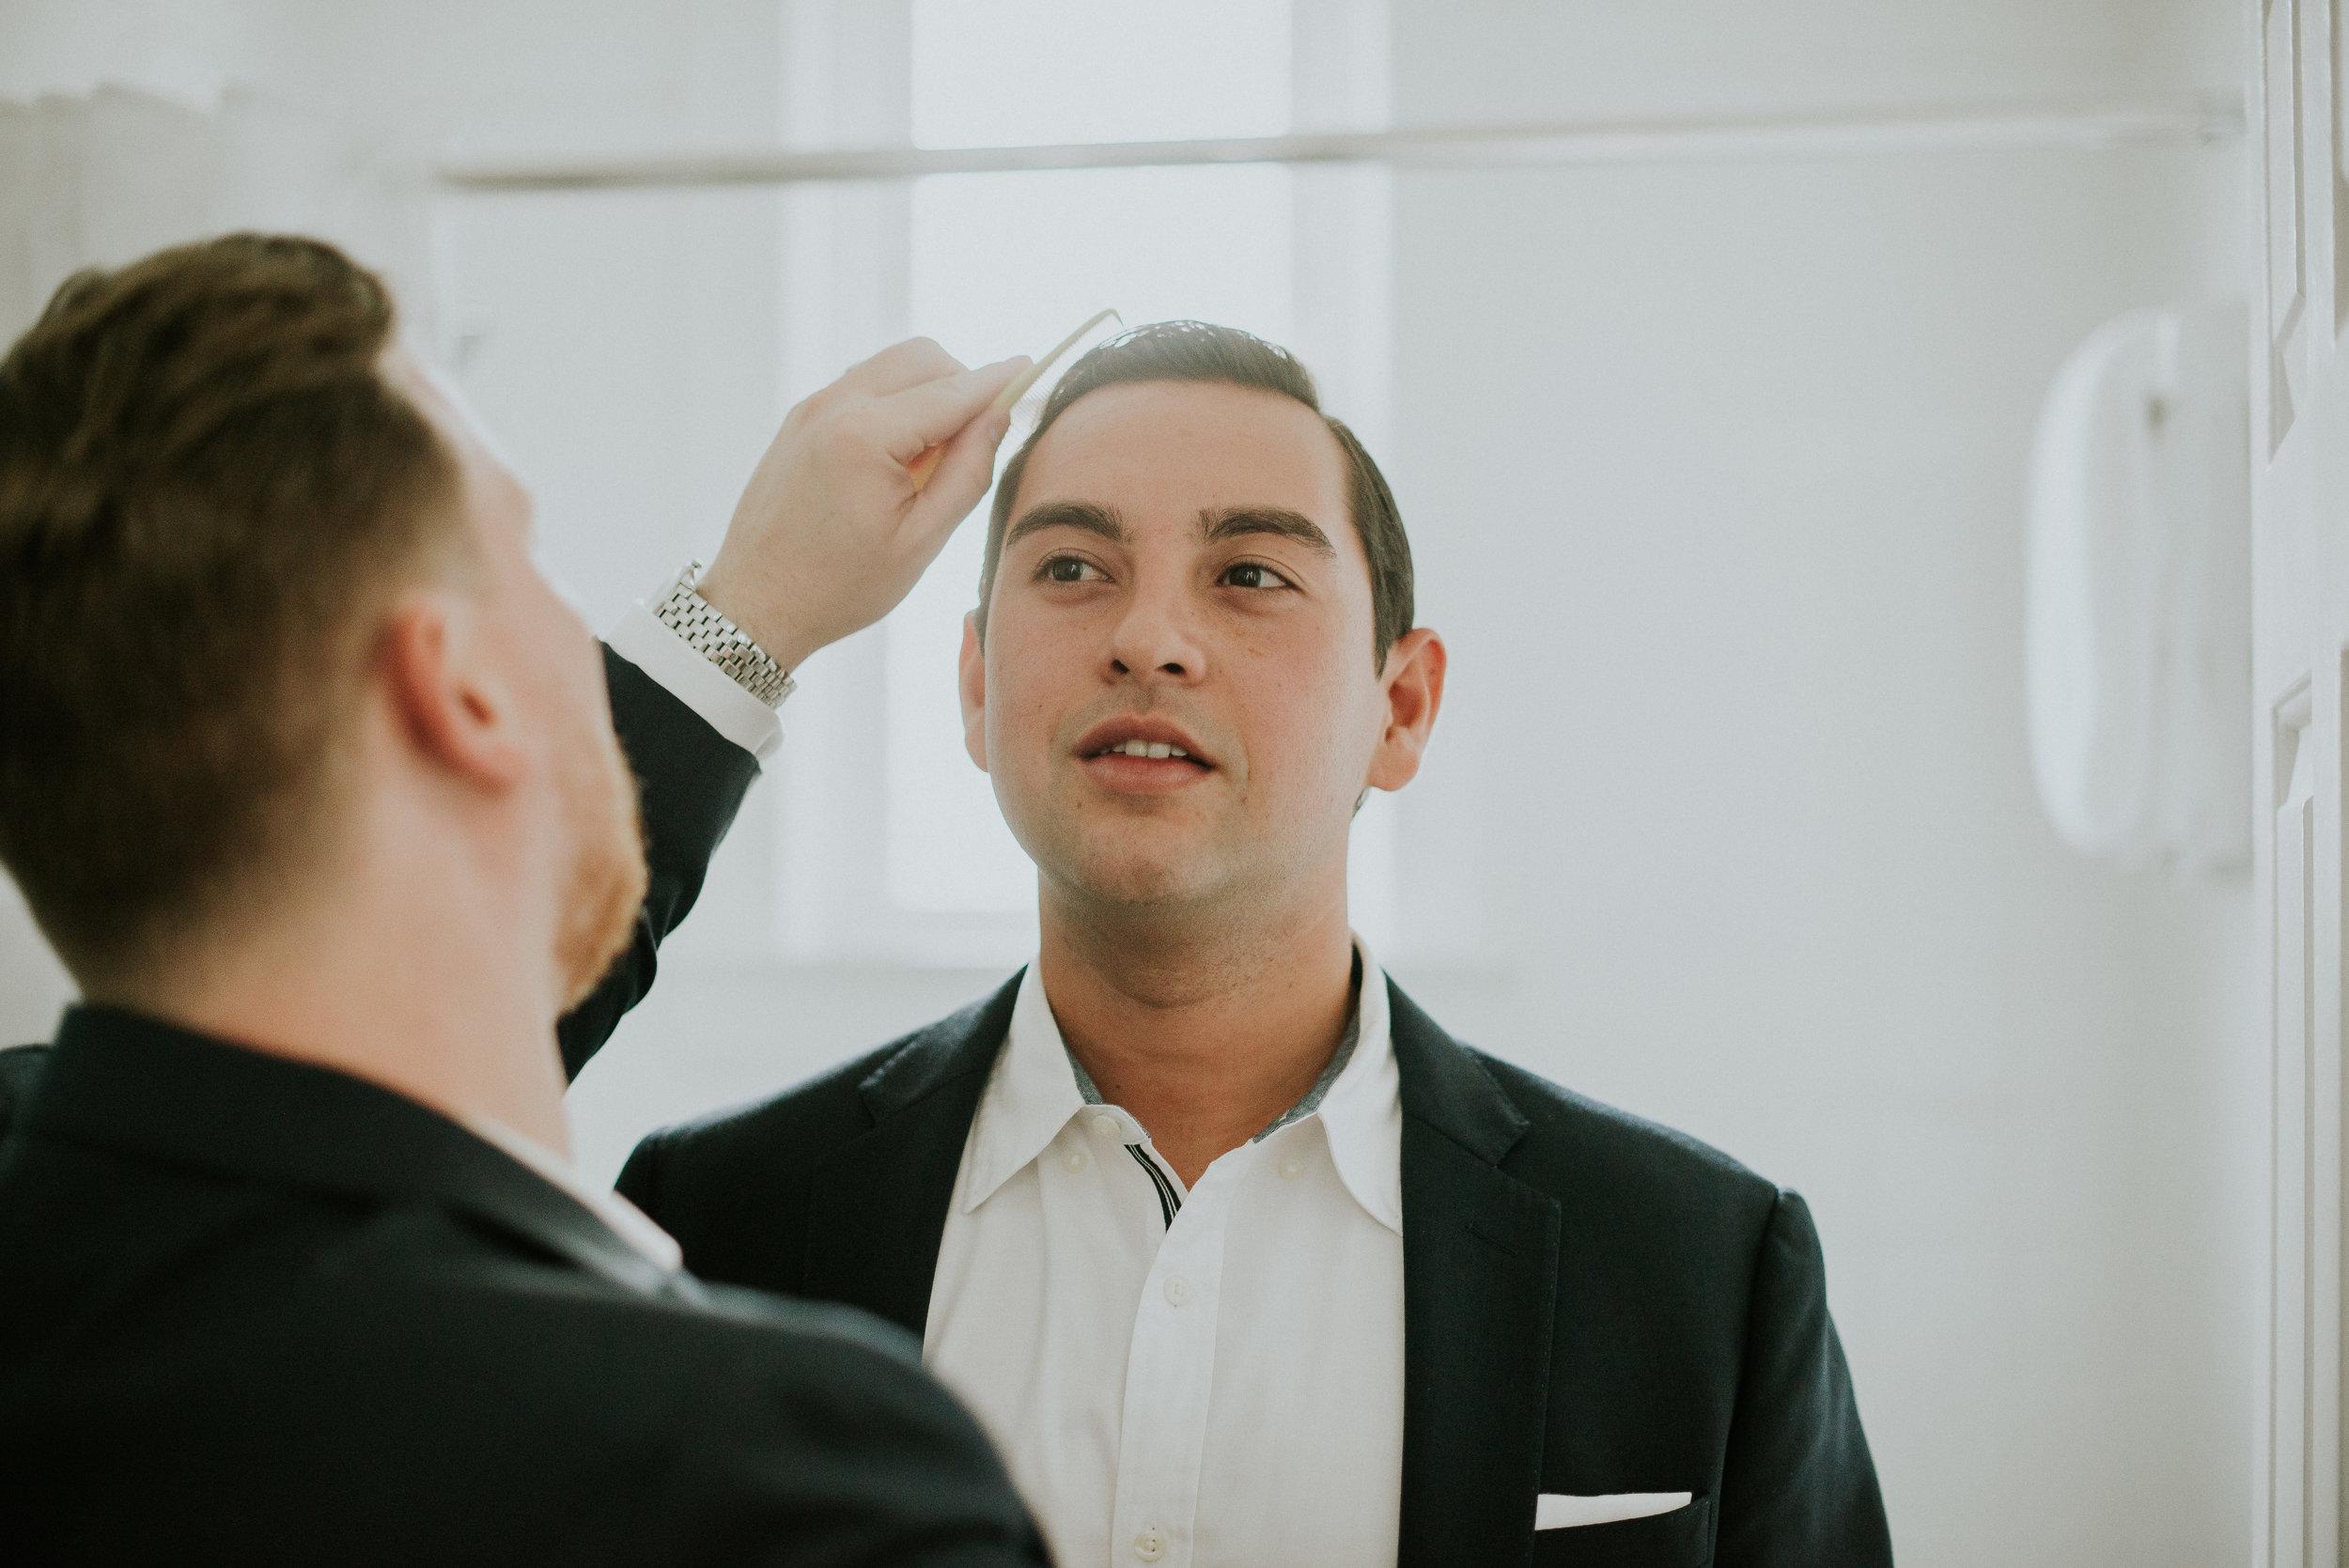 Groomsman combing groom's hair before wedding